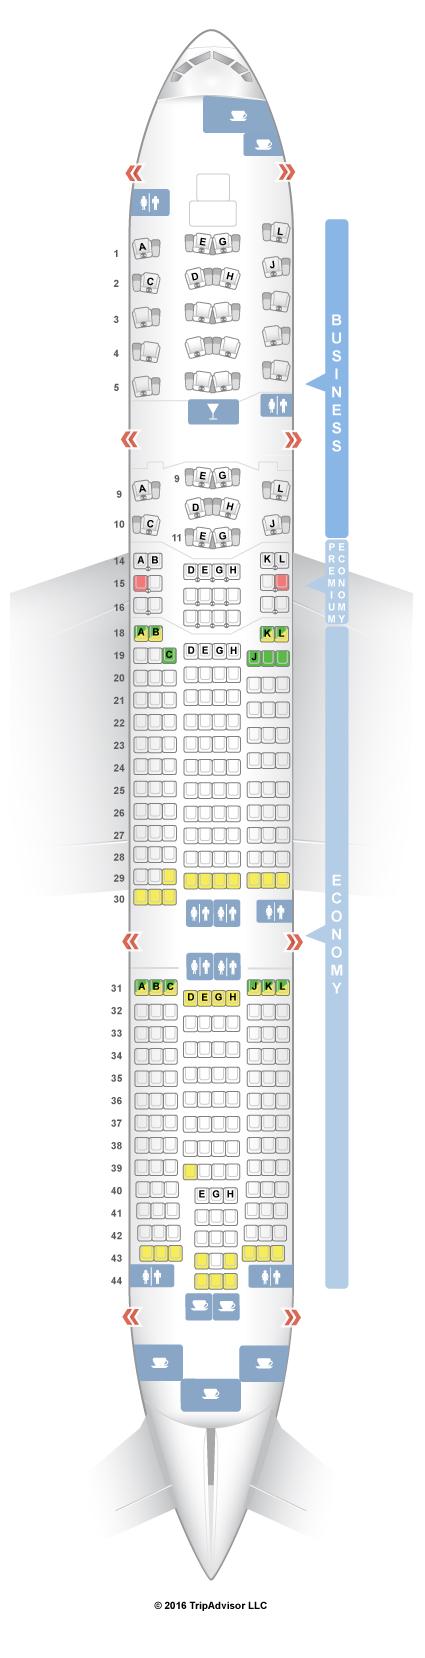 Alitalia airlines seat assignment